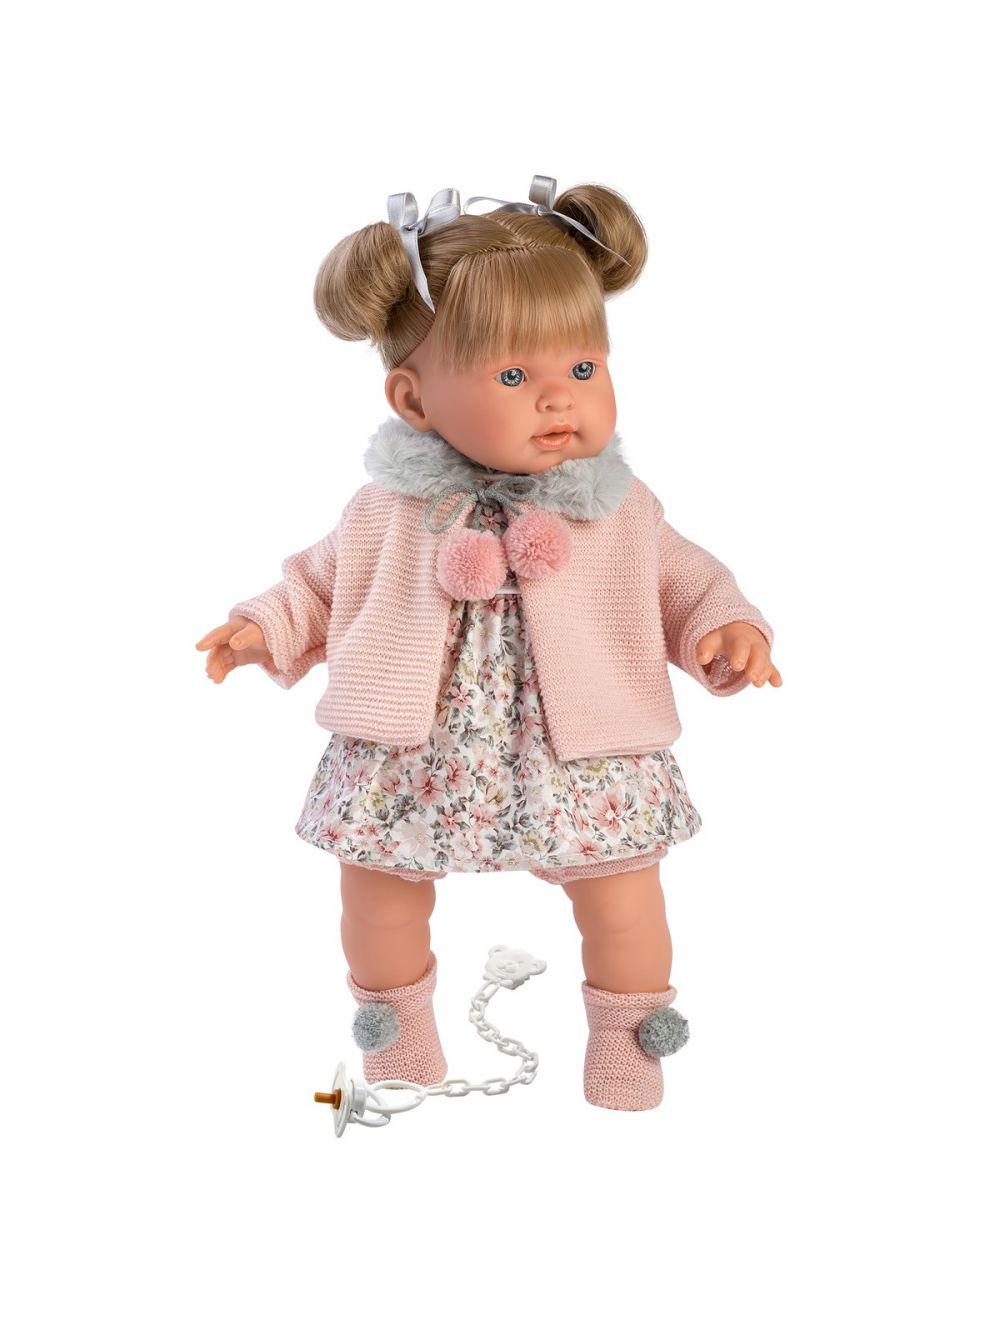 Llorens 42264 Lalka płacząca Alexandra 42 cm blondynka różowy sweterek